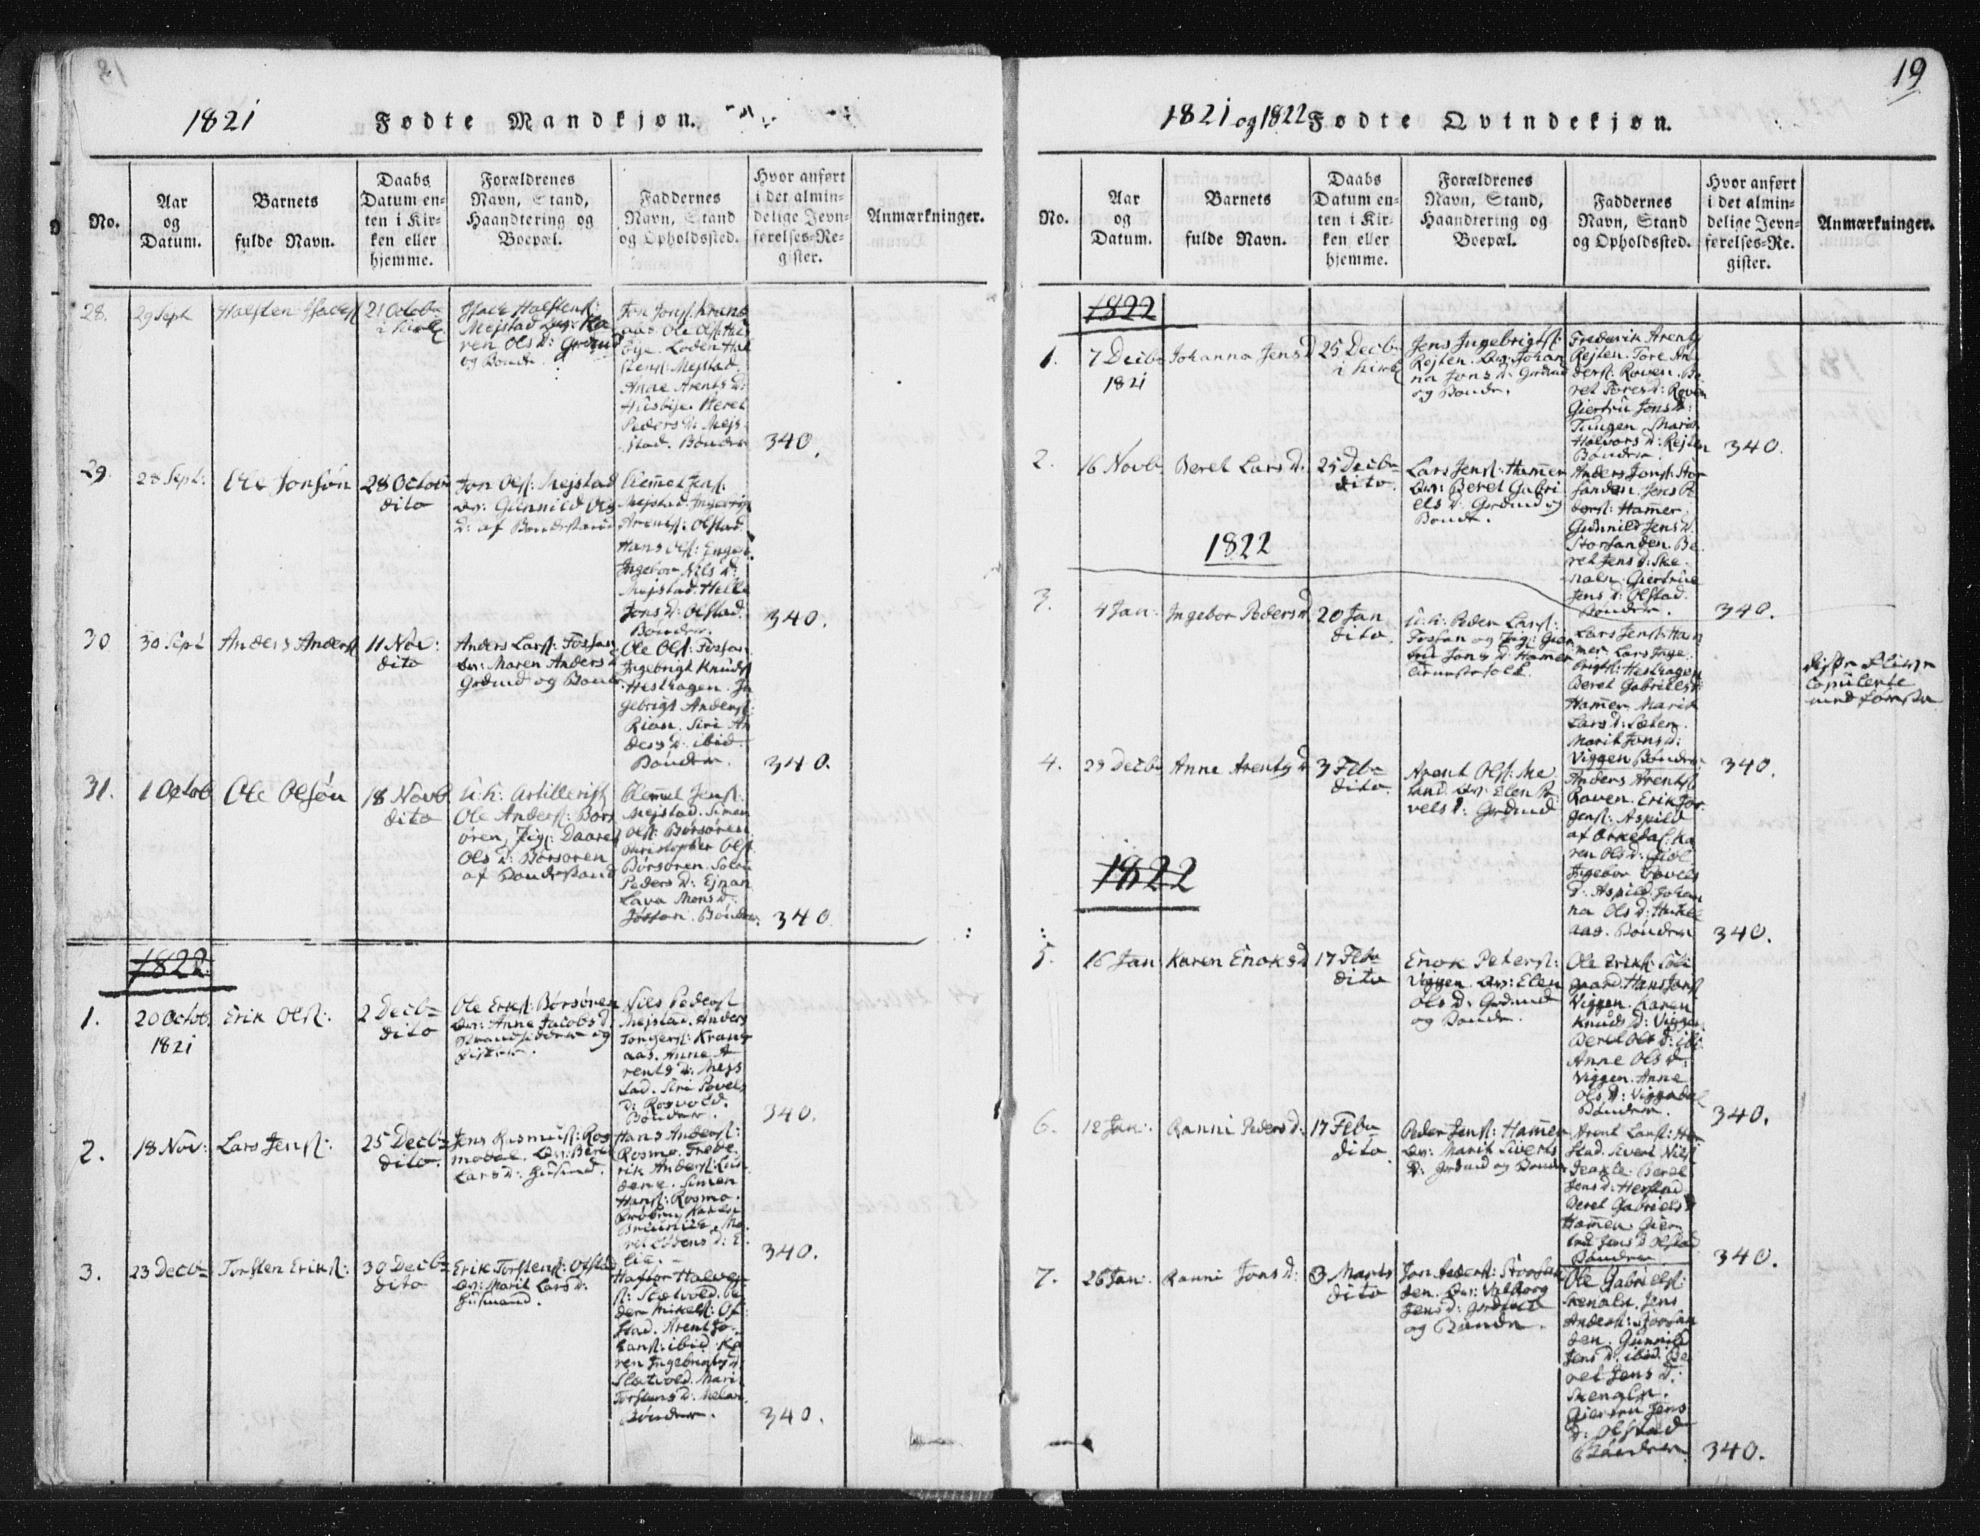 SAT, Ministerialprotokoller, klokkerbøker og fødselsregistre - Sør-Trøndelag, 665/L0770: Ministerialbok nr. 665A05, 1817-1829, s. 19